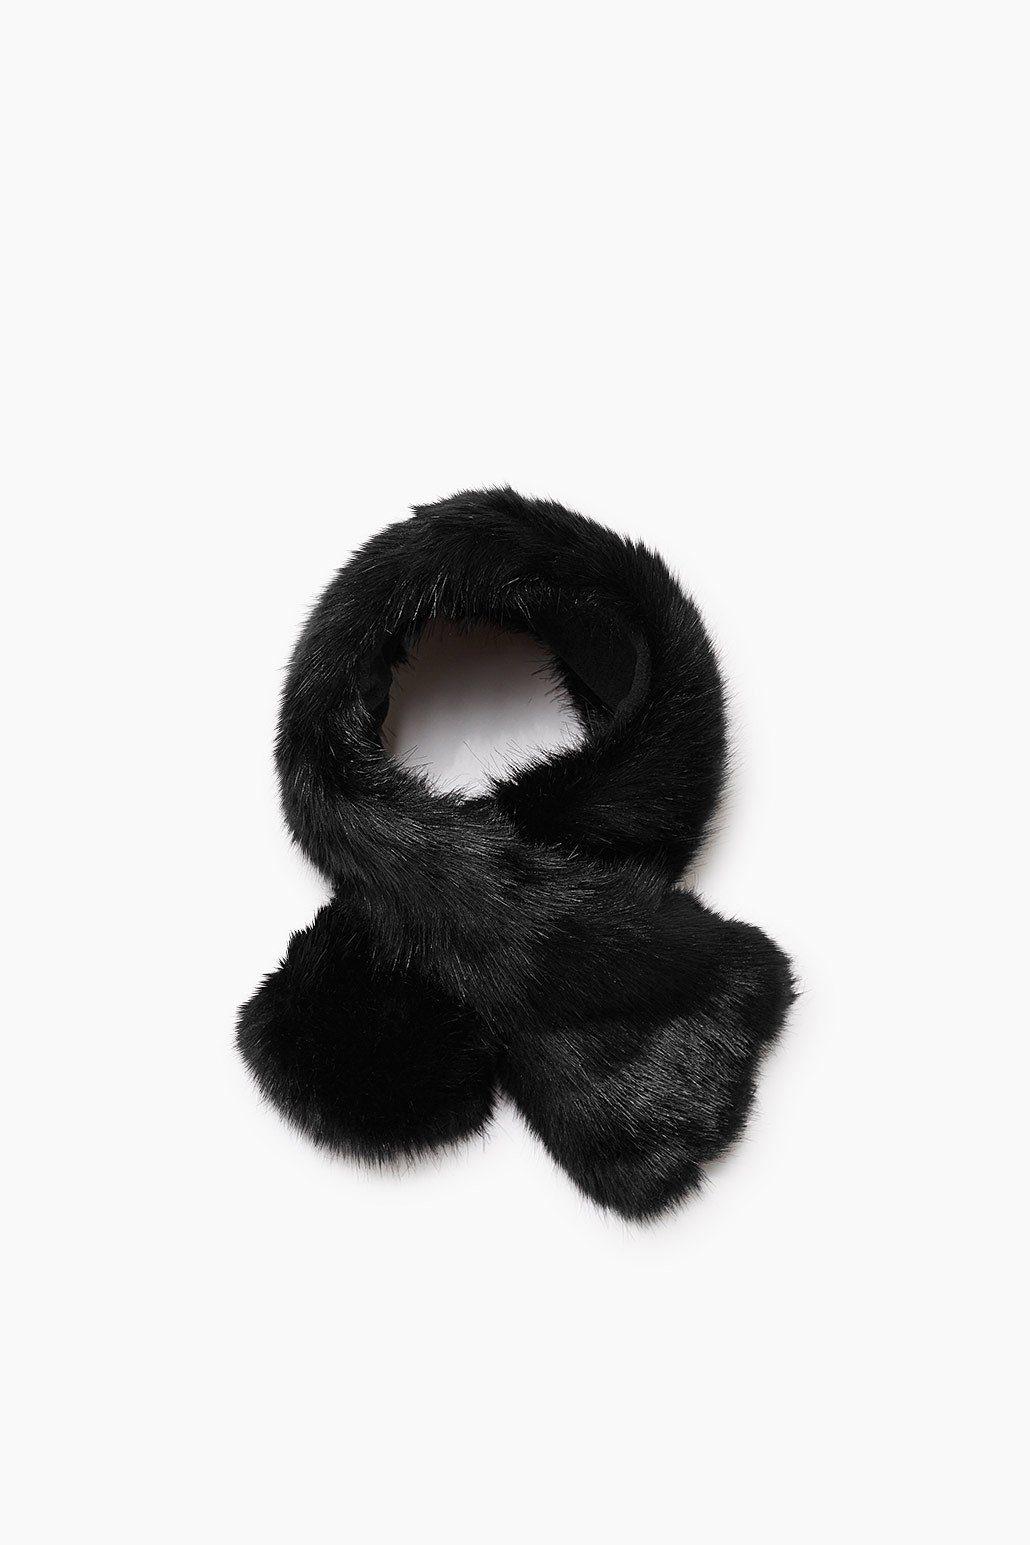 ESPRIT CASUAL Schal aus Kunstpelz mit Fleece-Unterseite